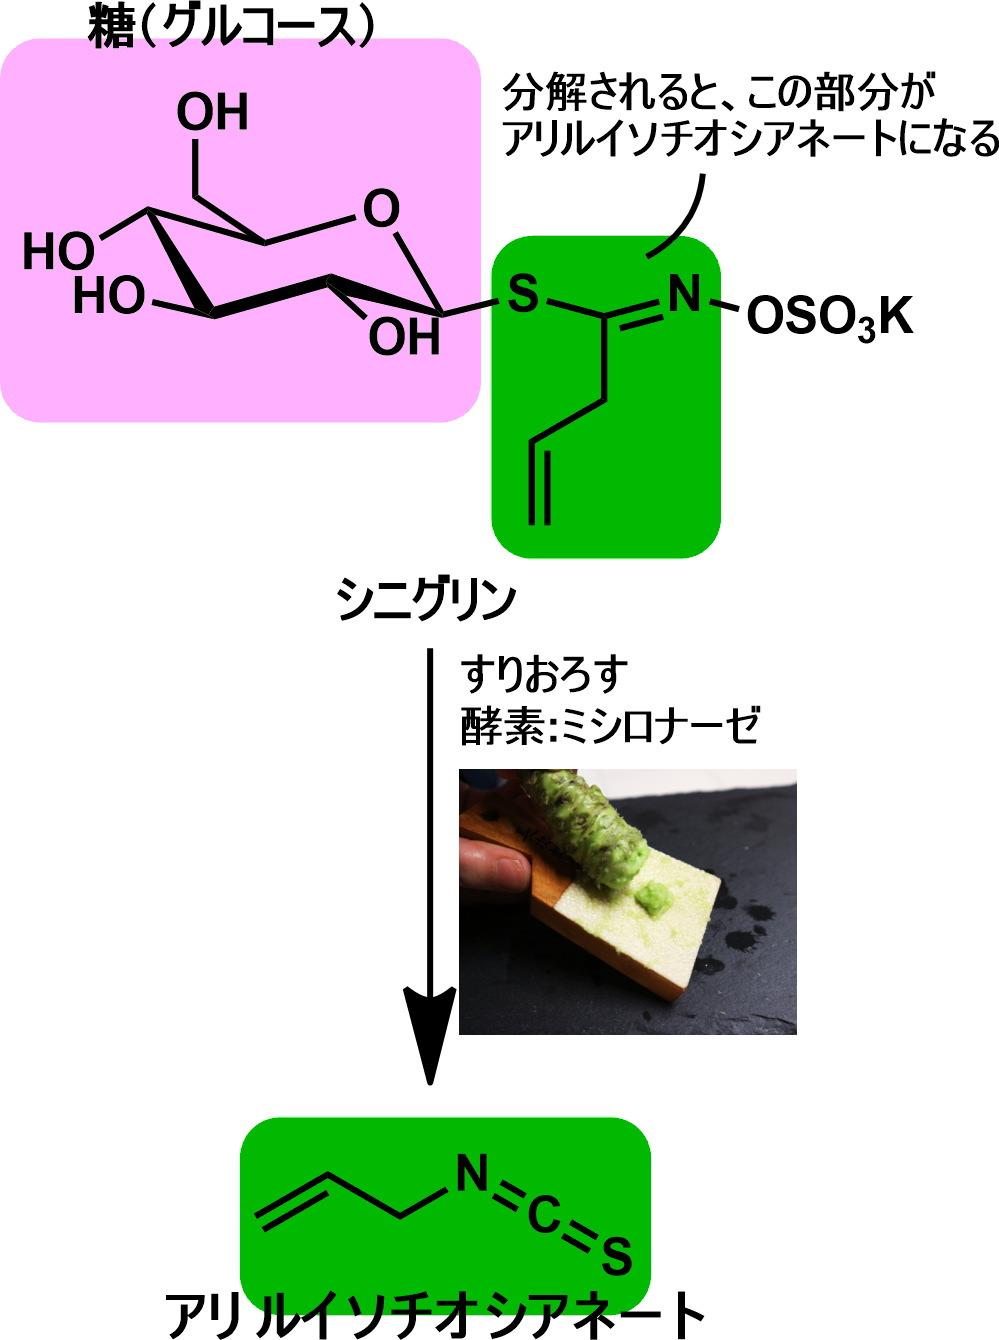 わさびをすり下ろすと酵素によりアリルイソチオシアネートが生成